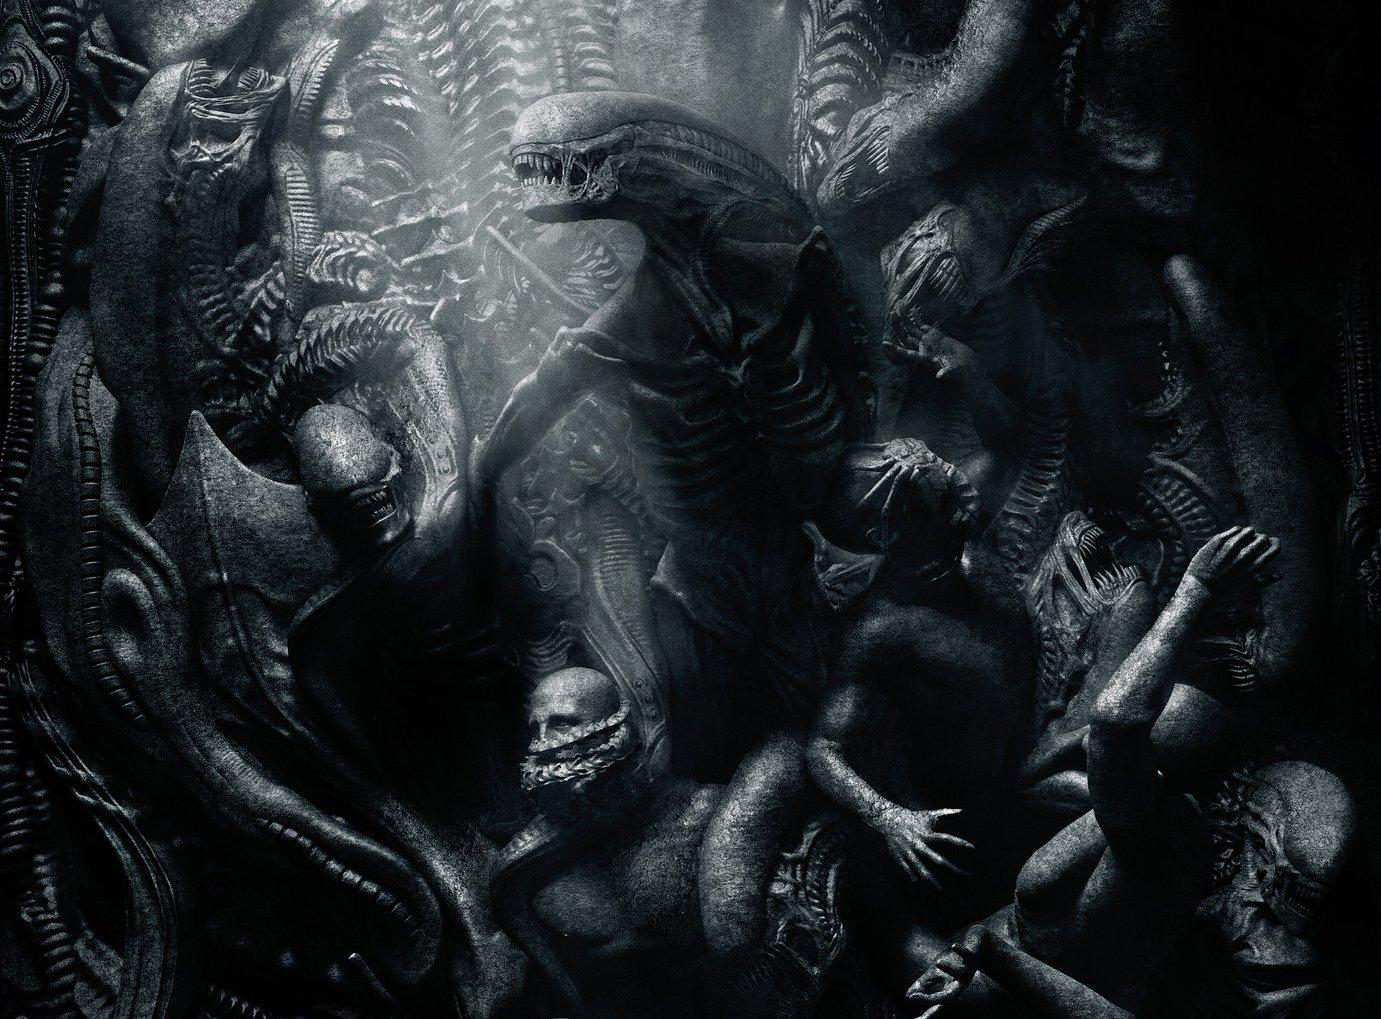 alien: covenant fracasso ou decepçao